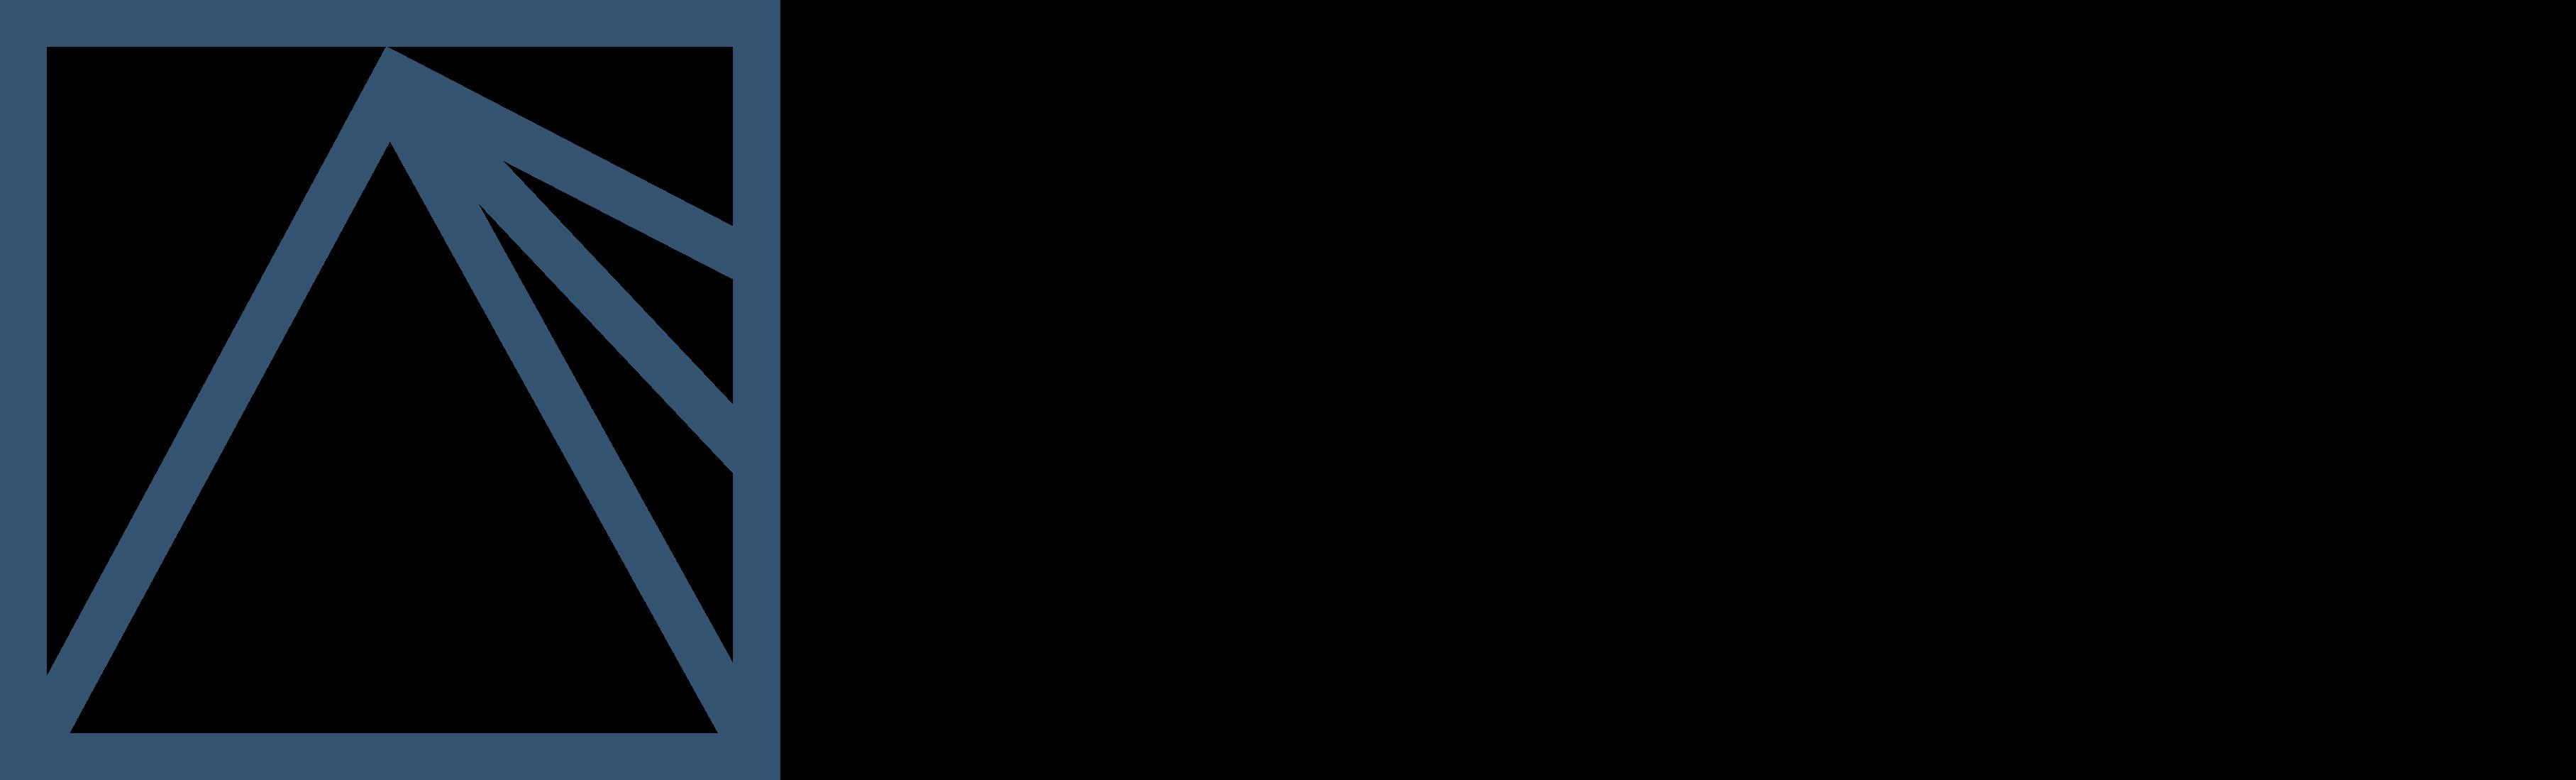 01-ARG-logo-rec